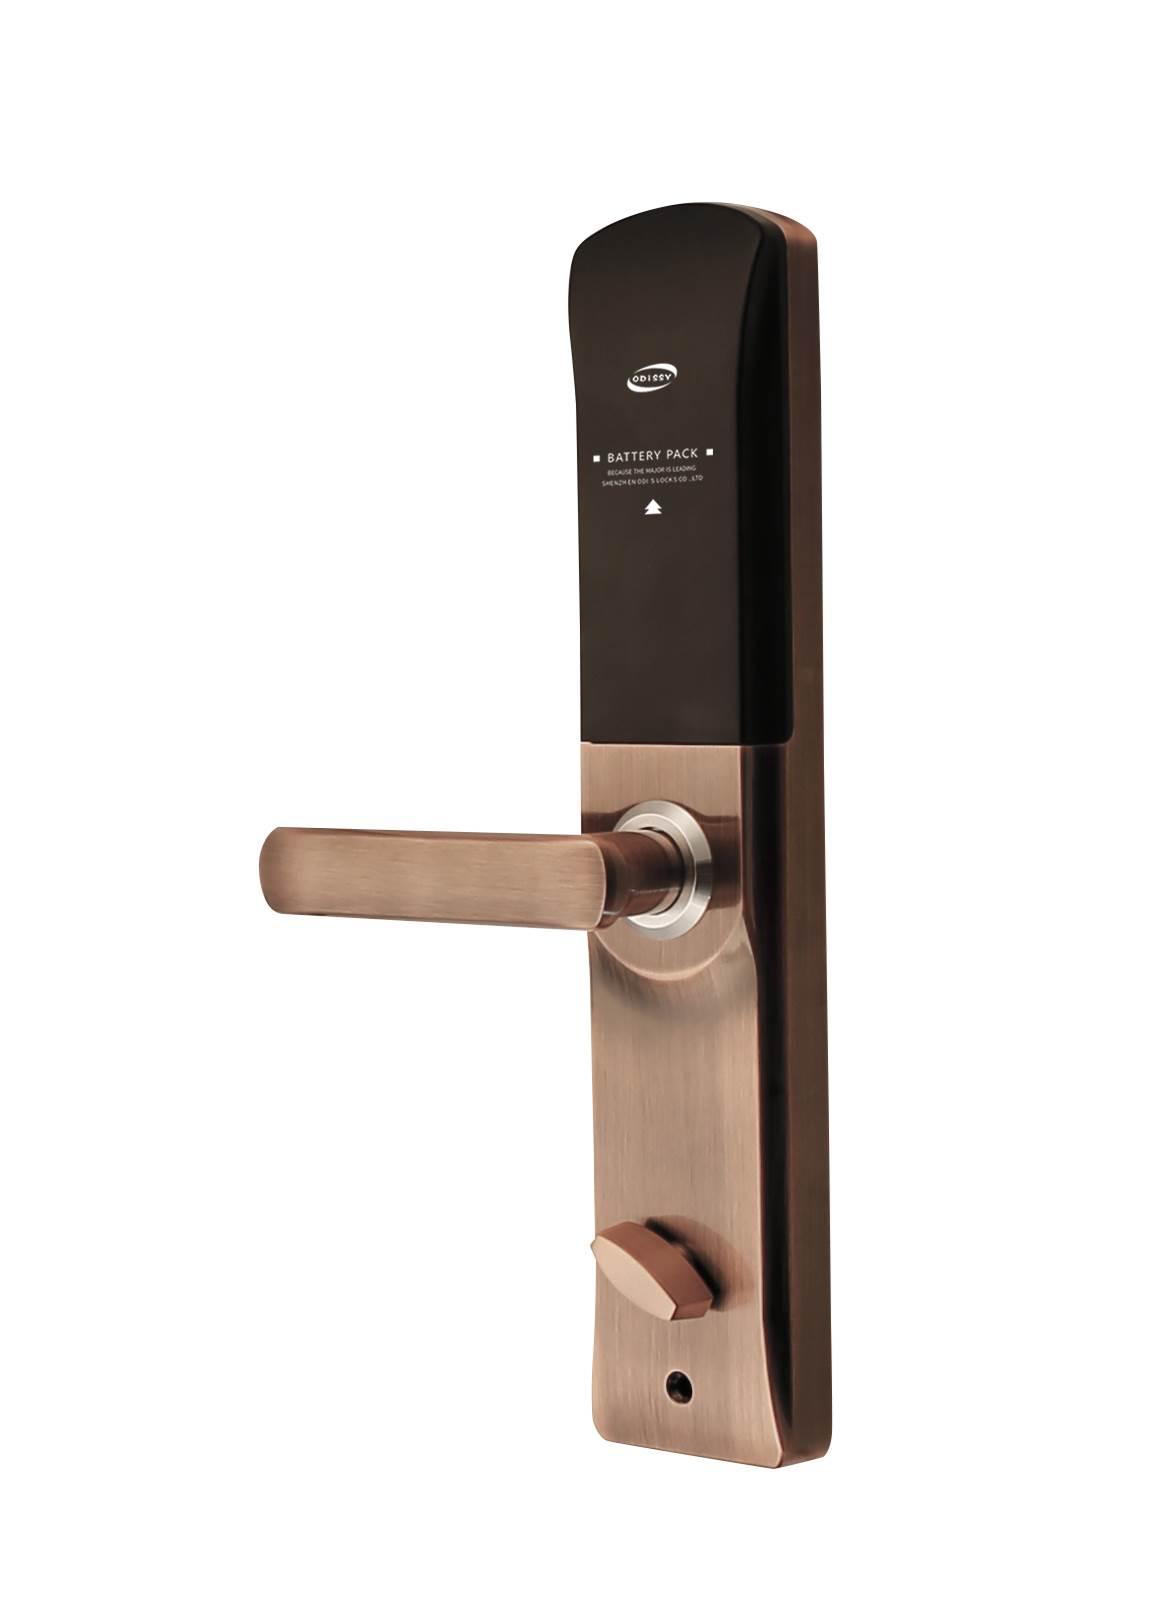 家在深圳福田,想找一个安装指纹密码锁的师傅